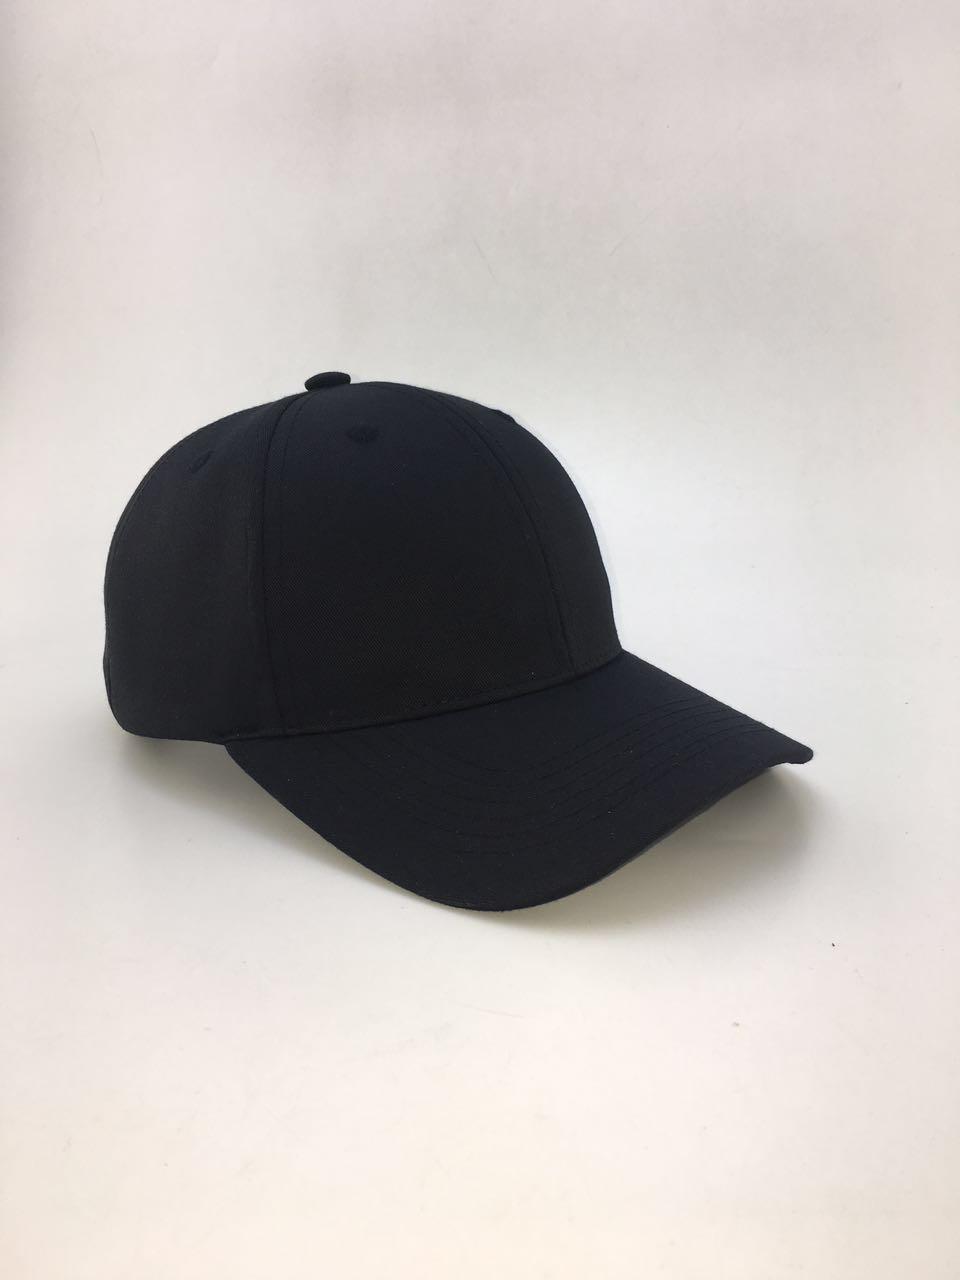 2017夏季新款棉质绣花棒球帽 夏季棒球帽厂家直销定制广告棒球帽